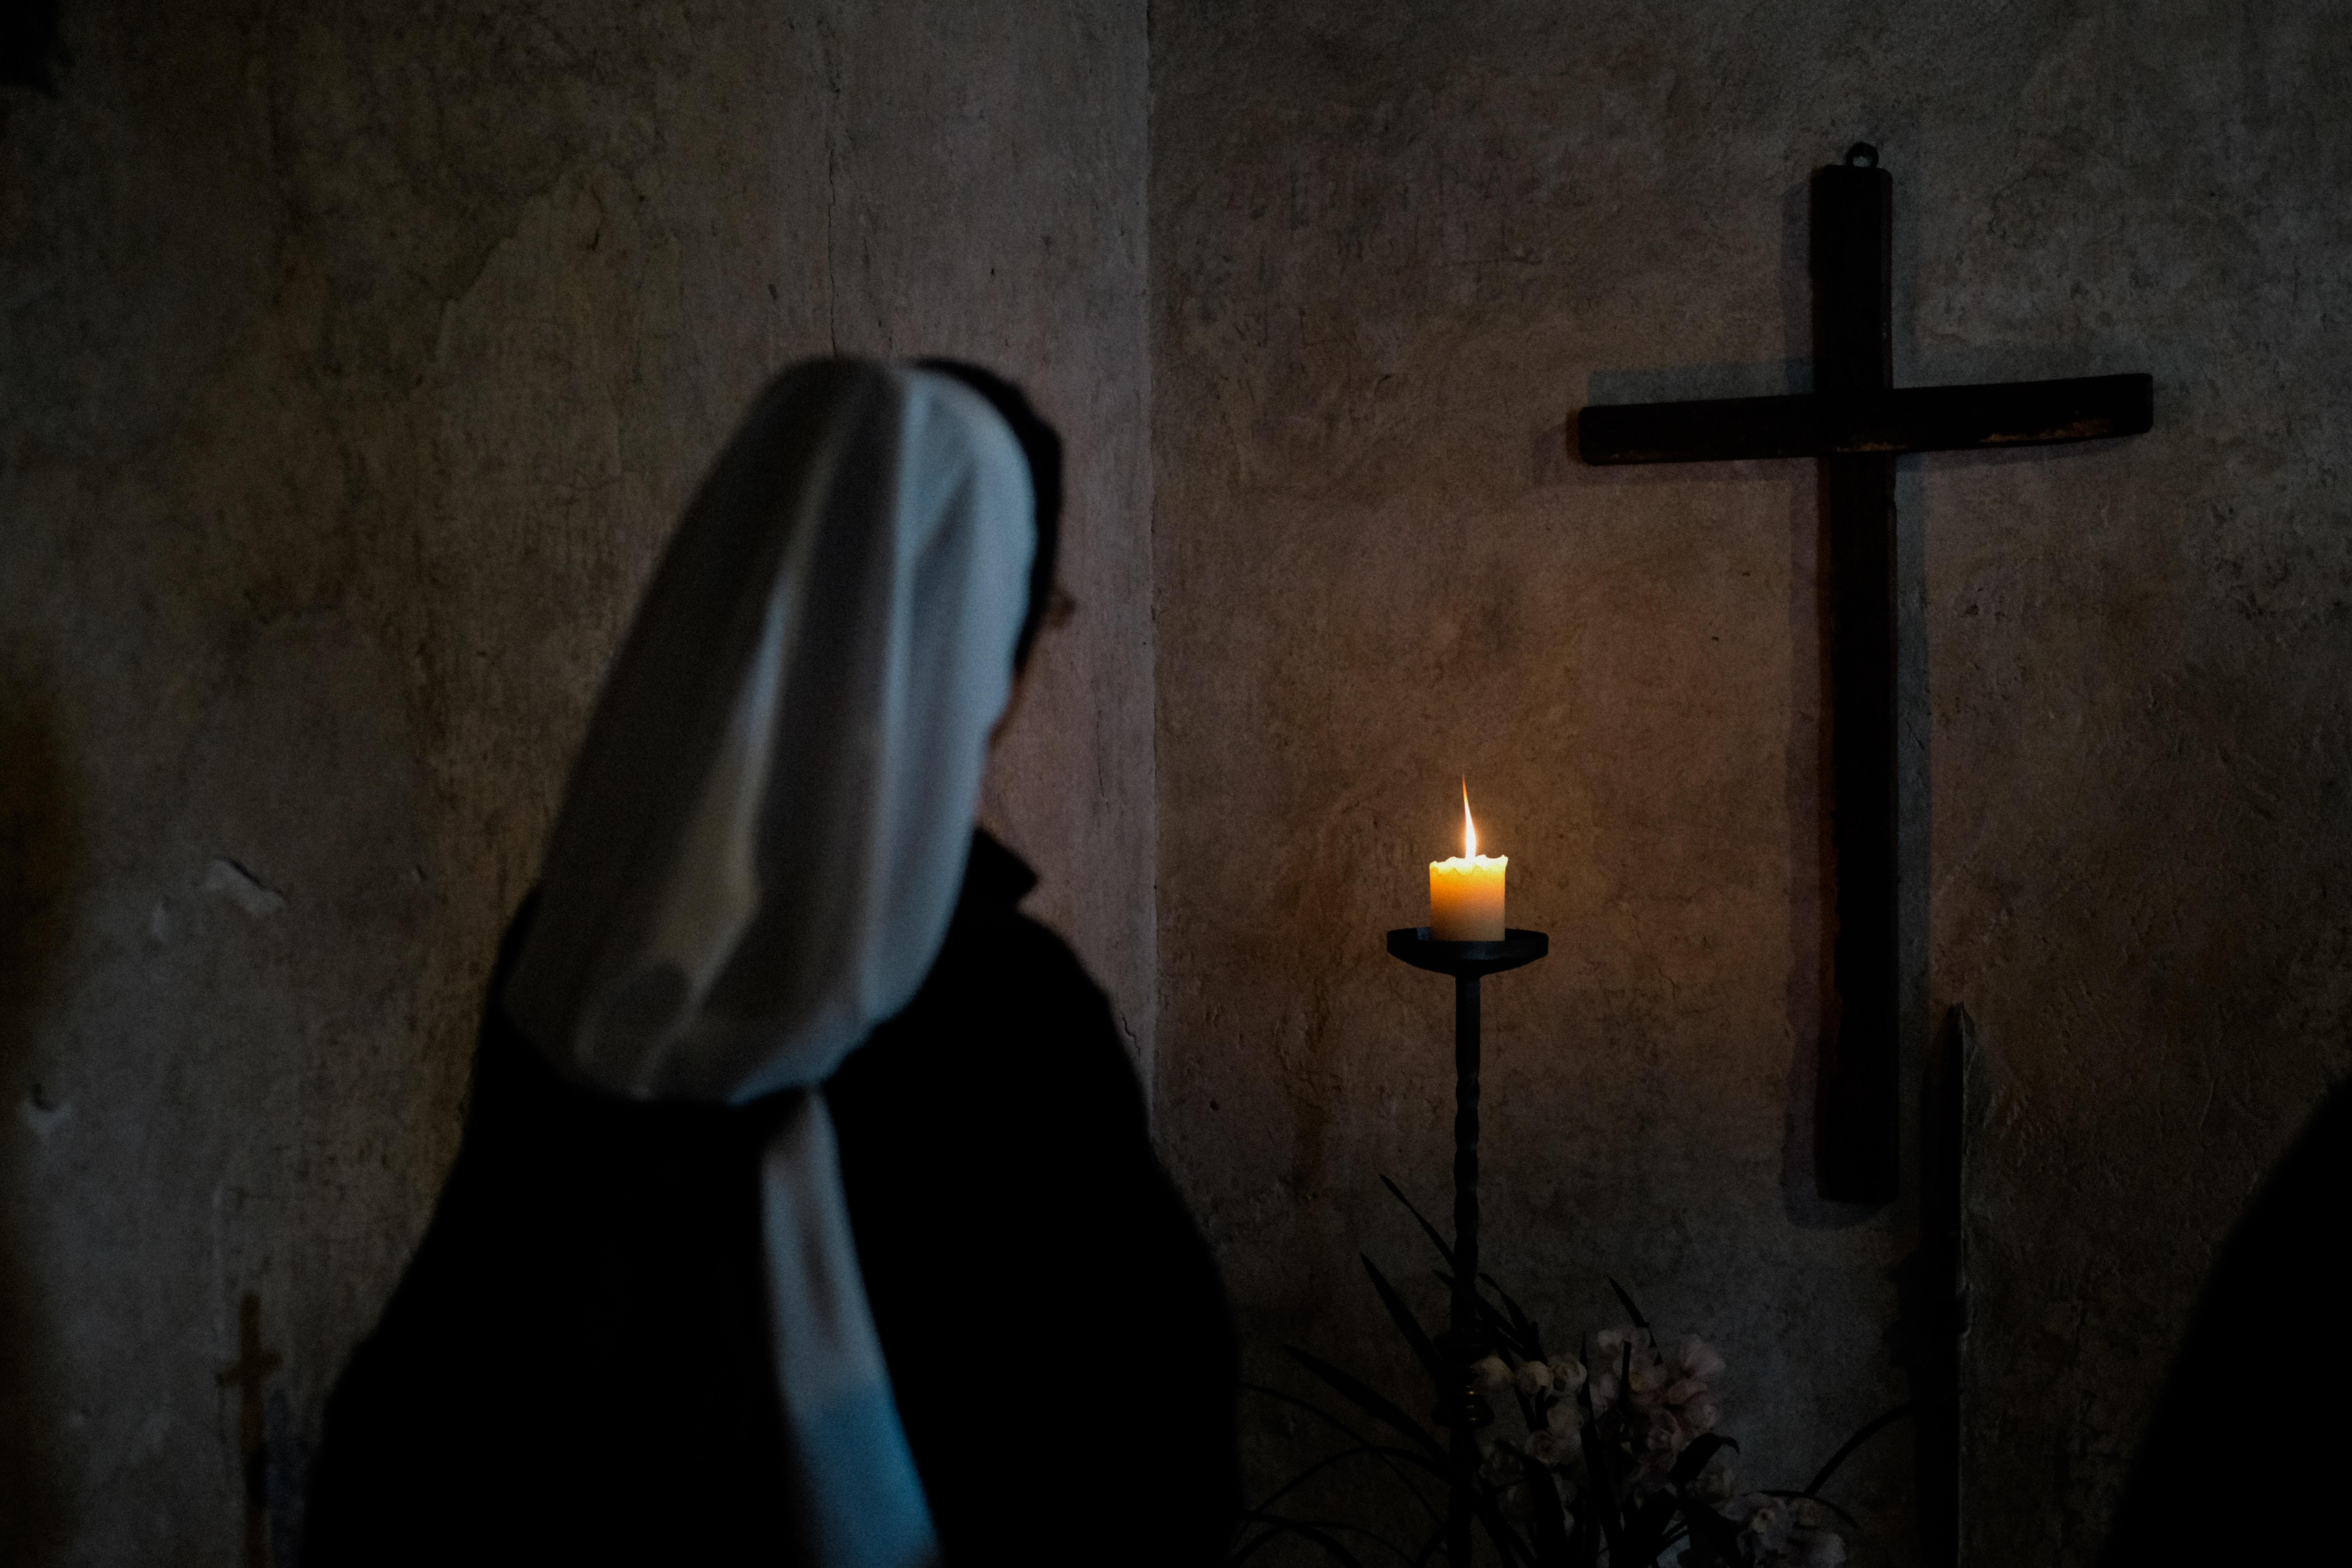 nun inside prayer room